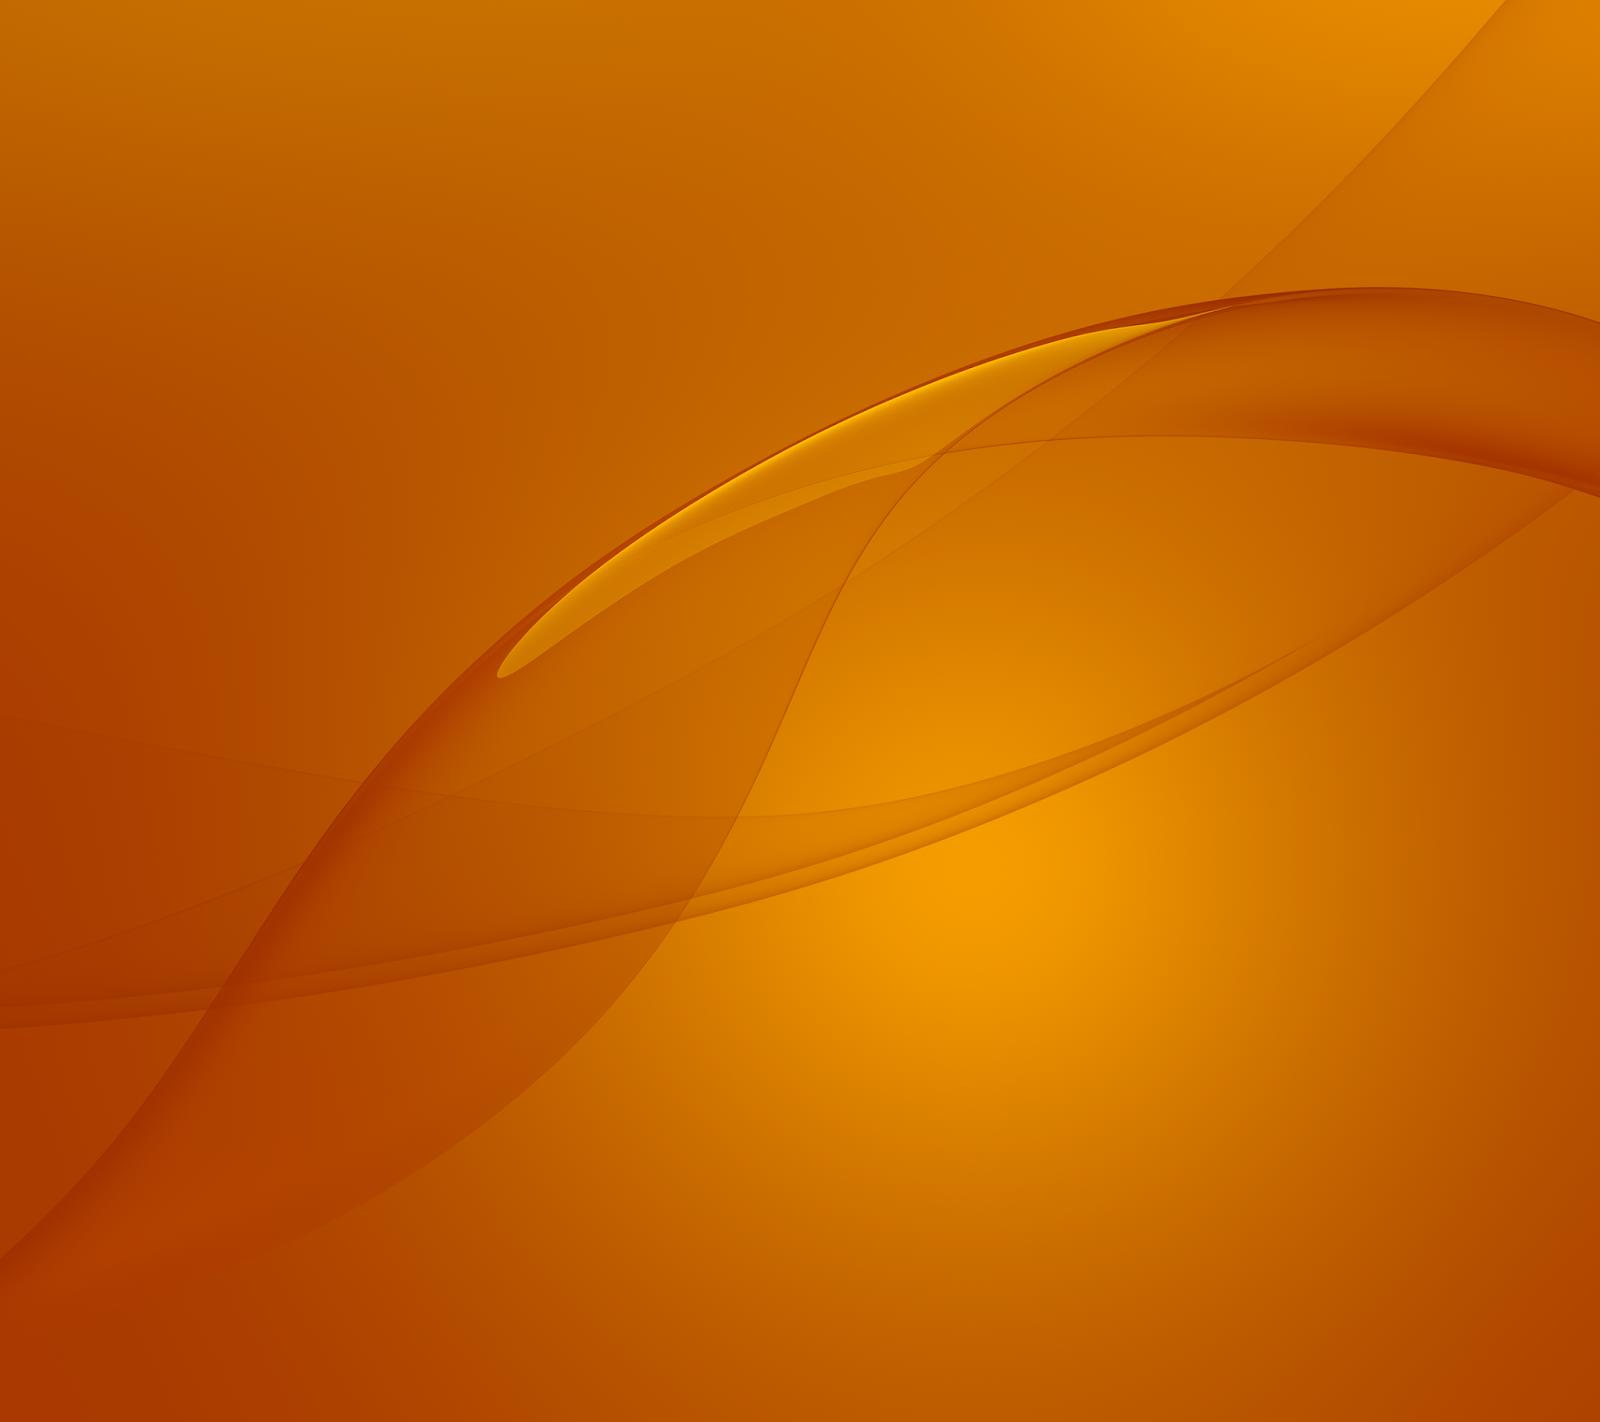 Xperia Z3 Wallpaper oficial 16